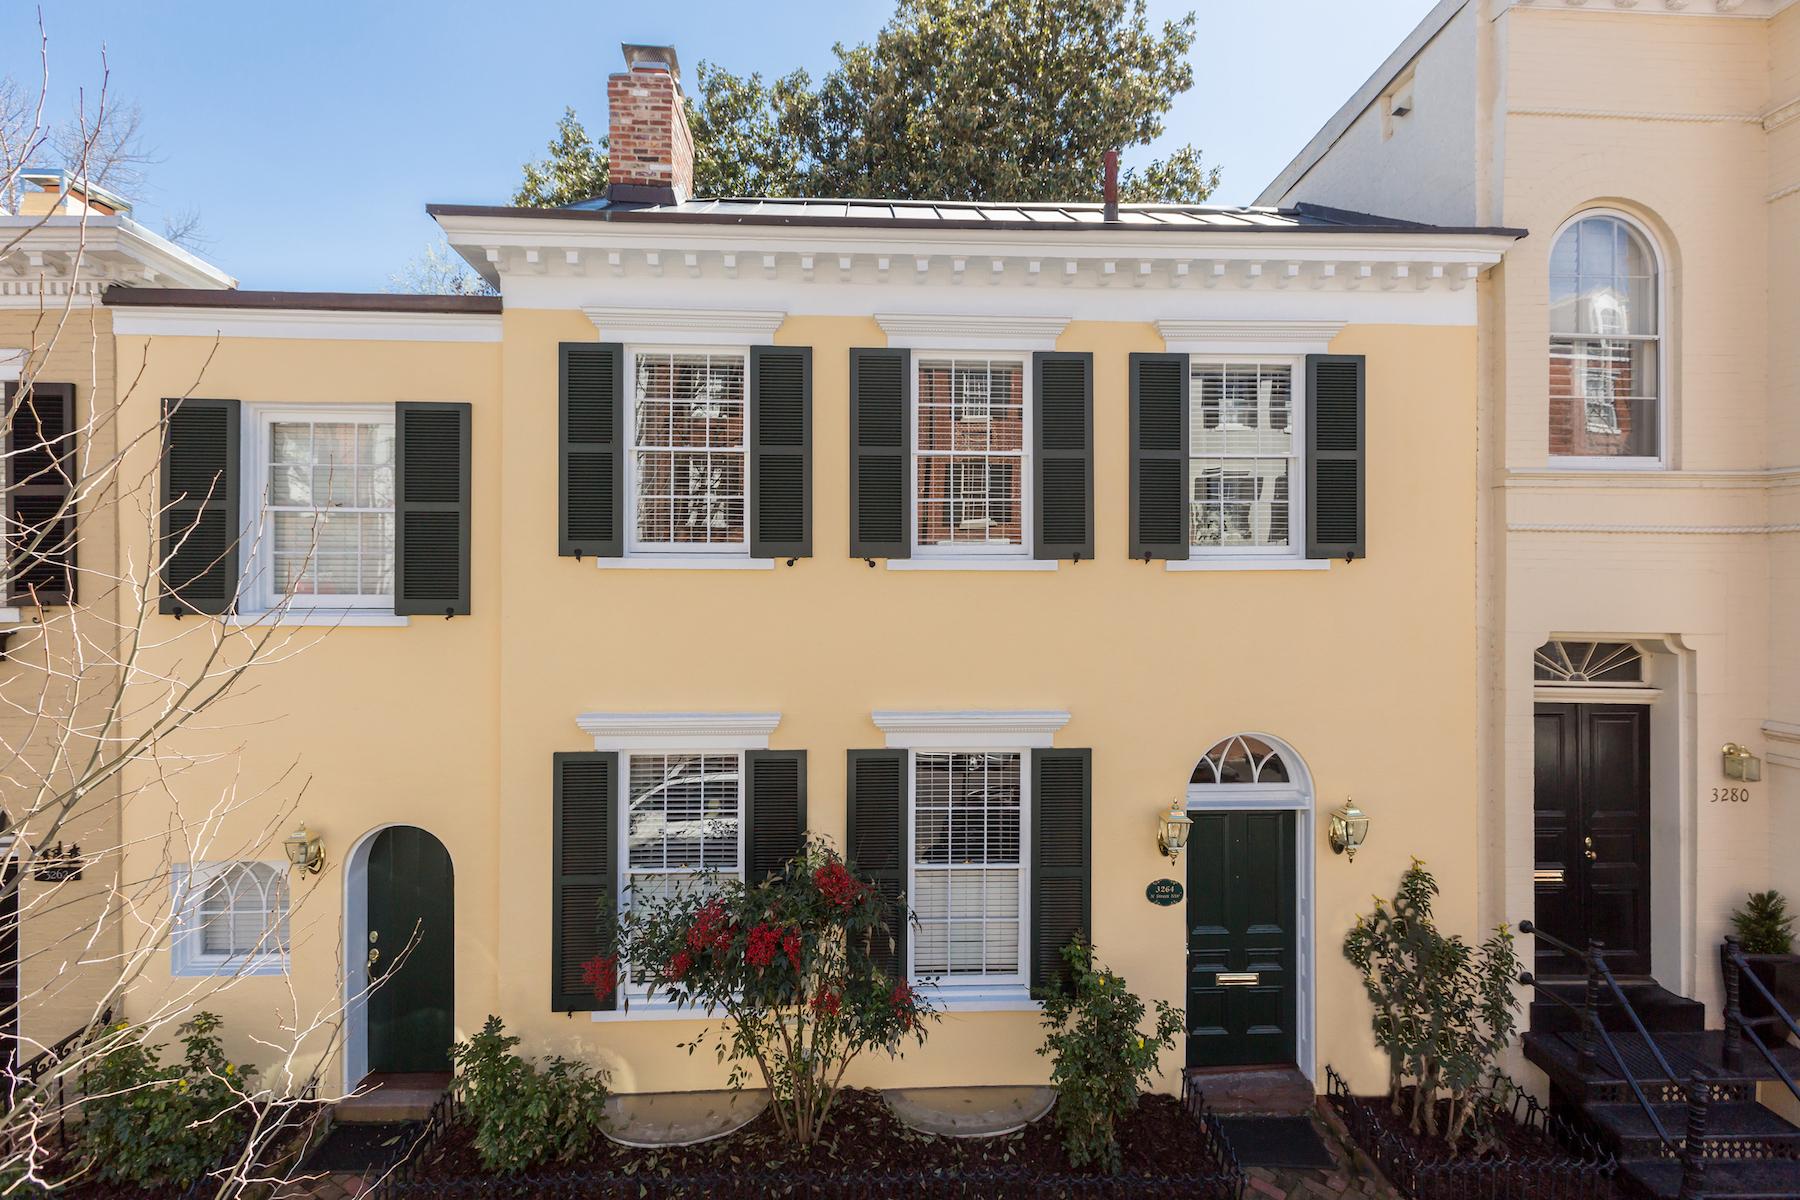 Villetta a schiera per Vendita alle ore Georgetown 3264 N Street Nw Washington, Distretto Di Columbia, 20007 Stati Uniti